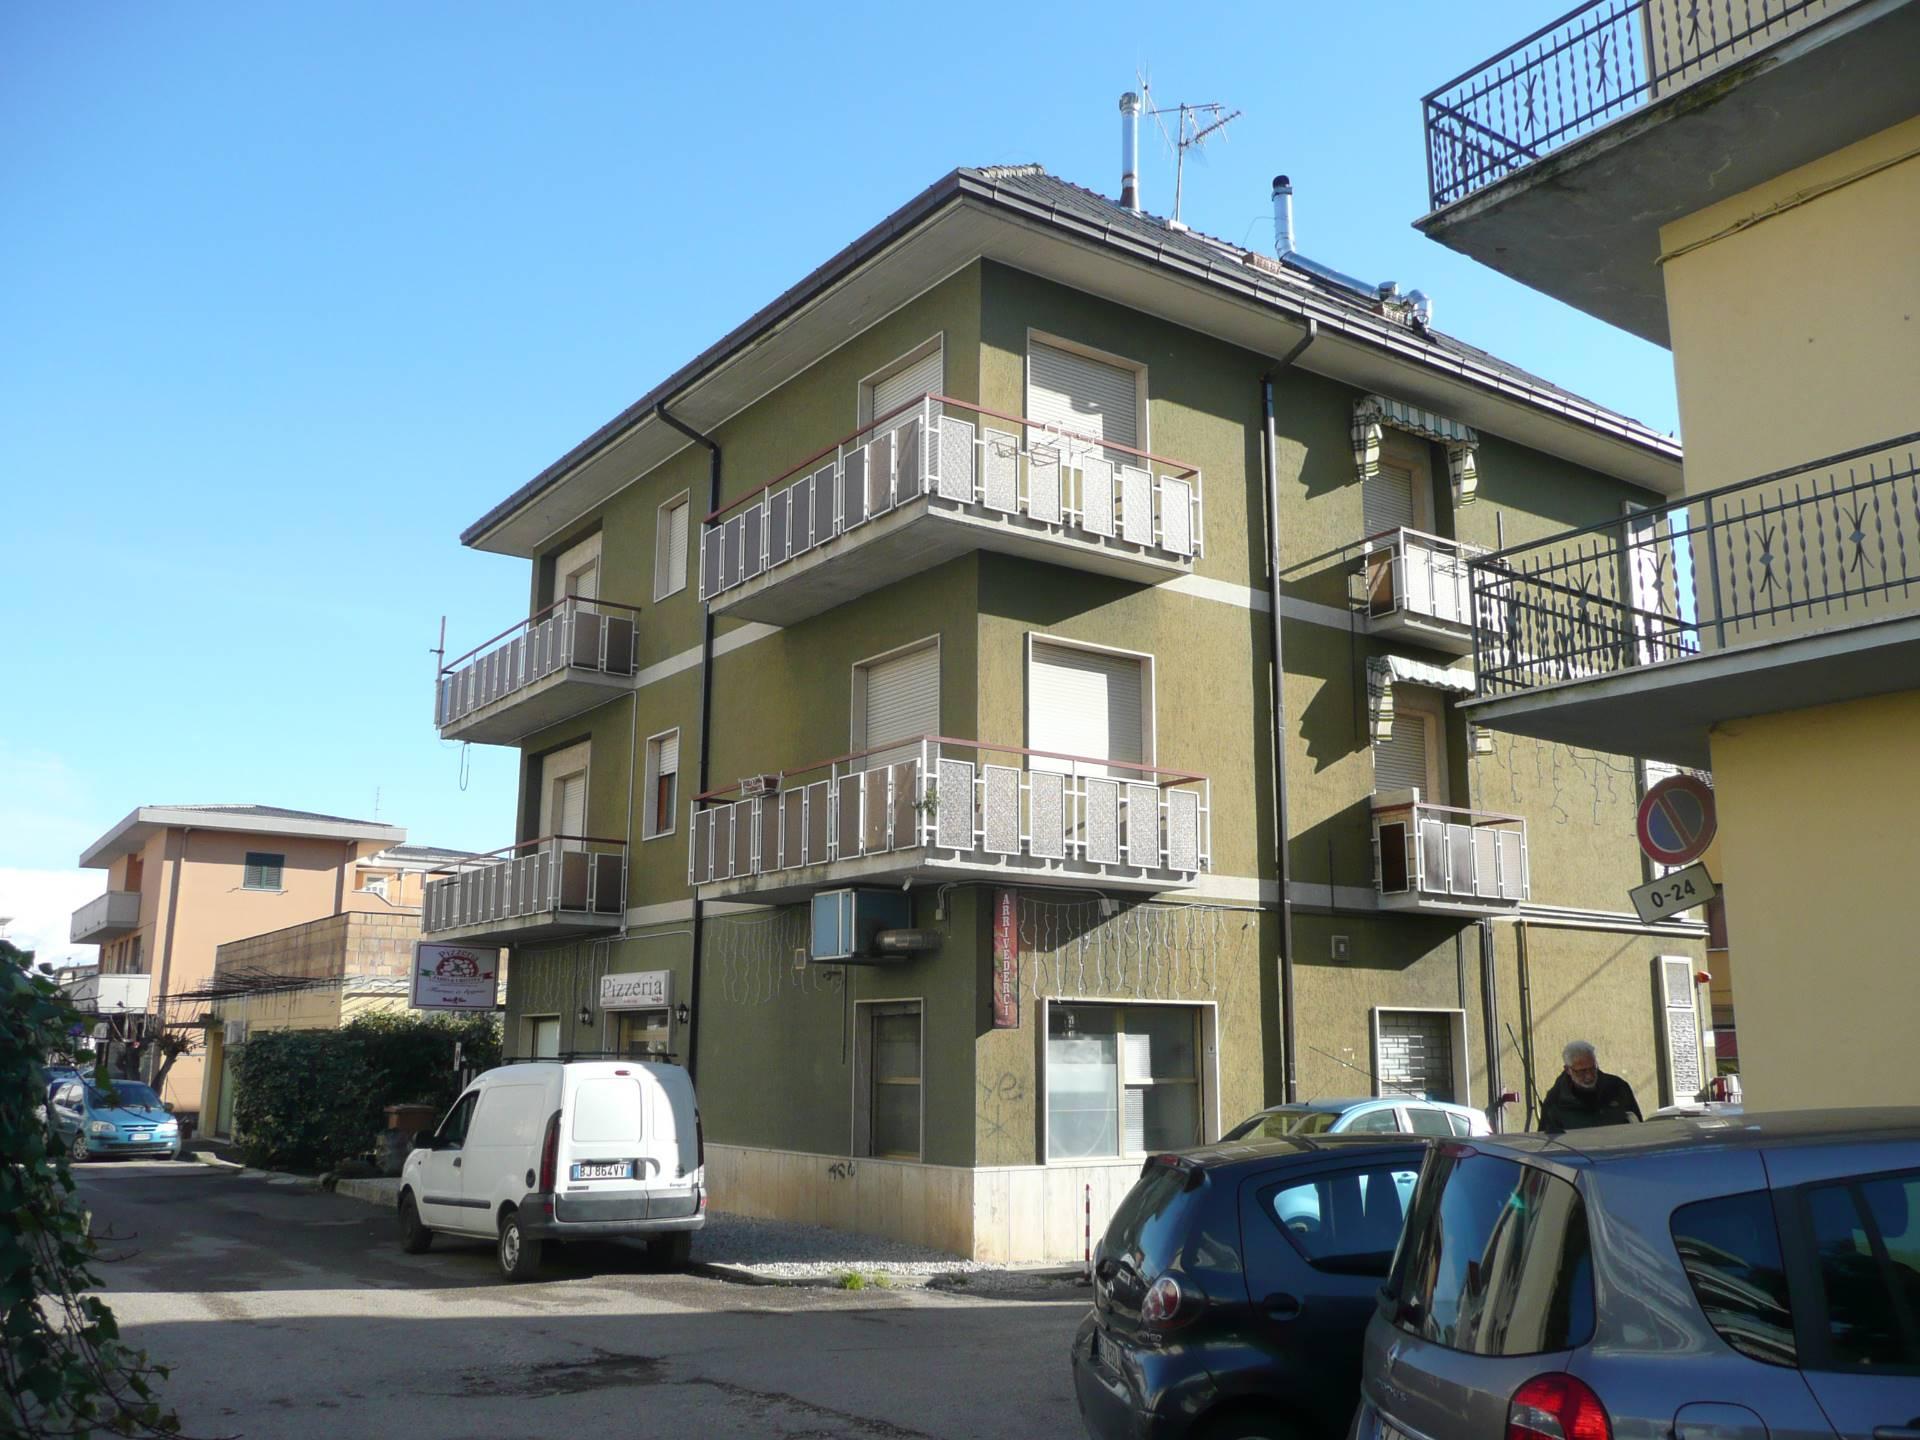 Attico / Mansarda in vendita a Teramo, 3 locali, prezzo € 70.000 | PortaleAgenzieImmobiliari.it